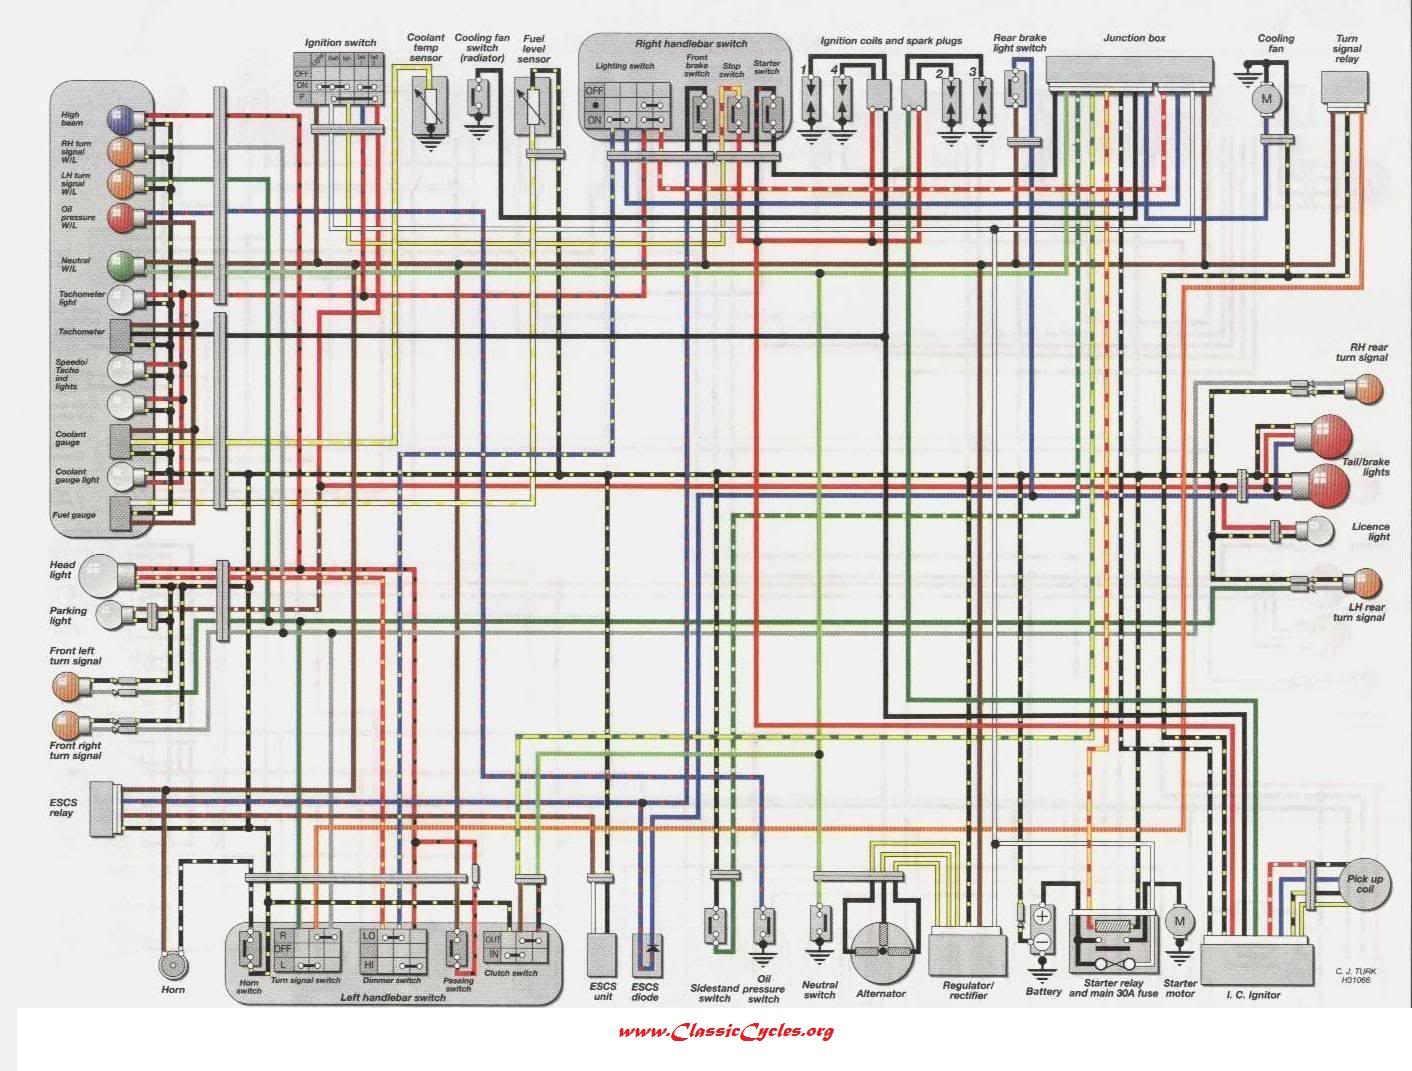 Surprising 2004 Zx6R Wiring Diagram Wiring Diagram Wiring Cloud Monangrecoveryedborg